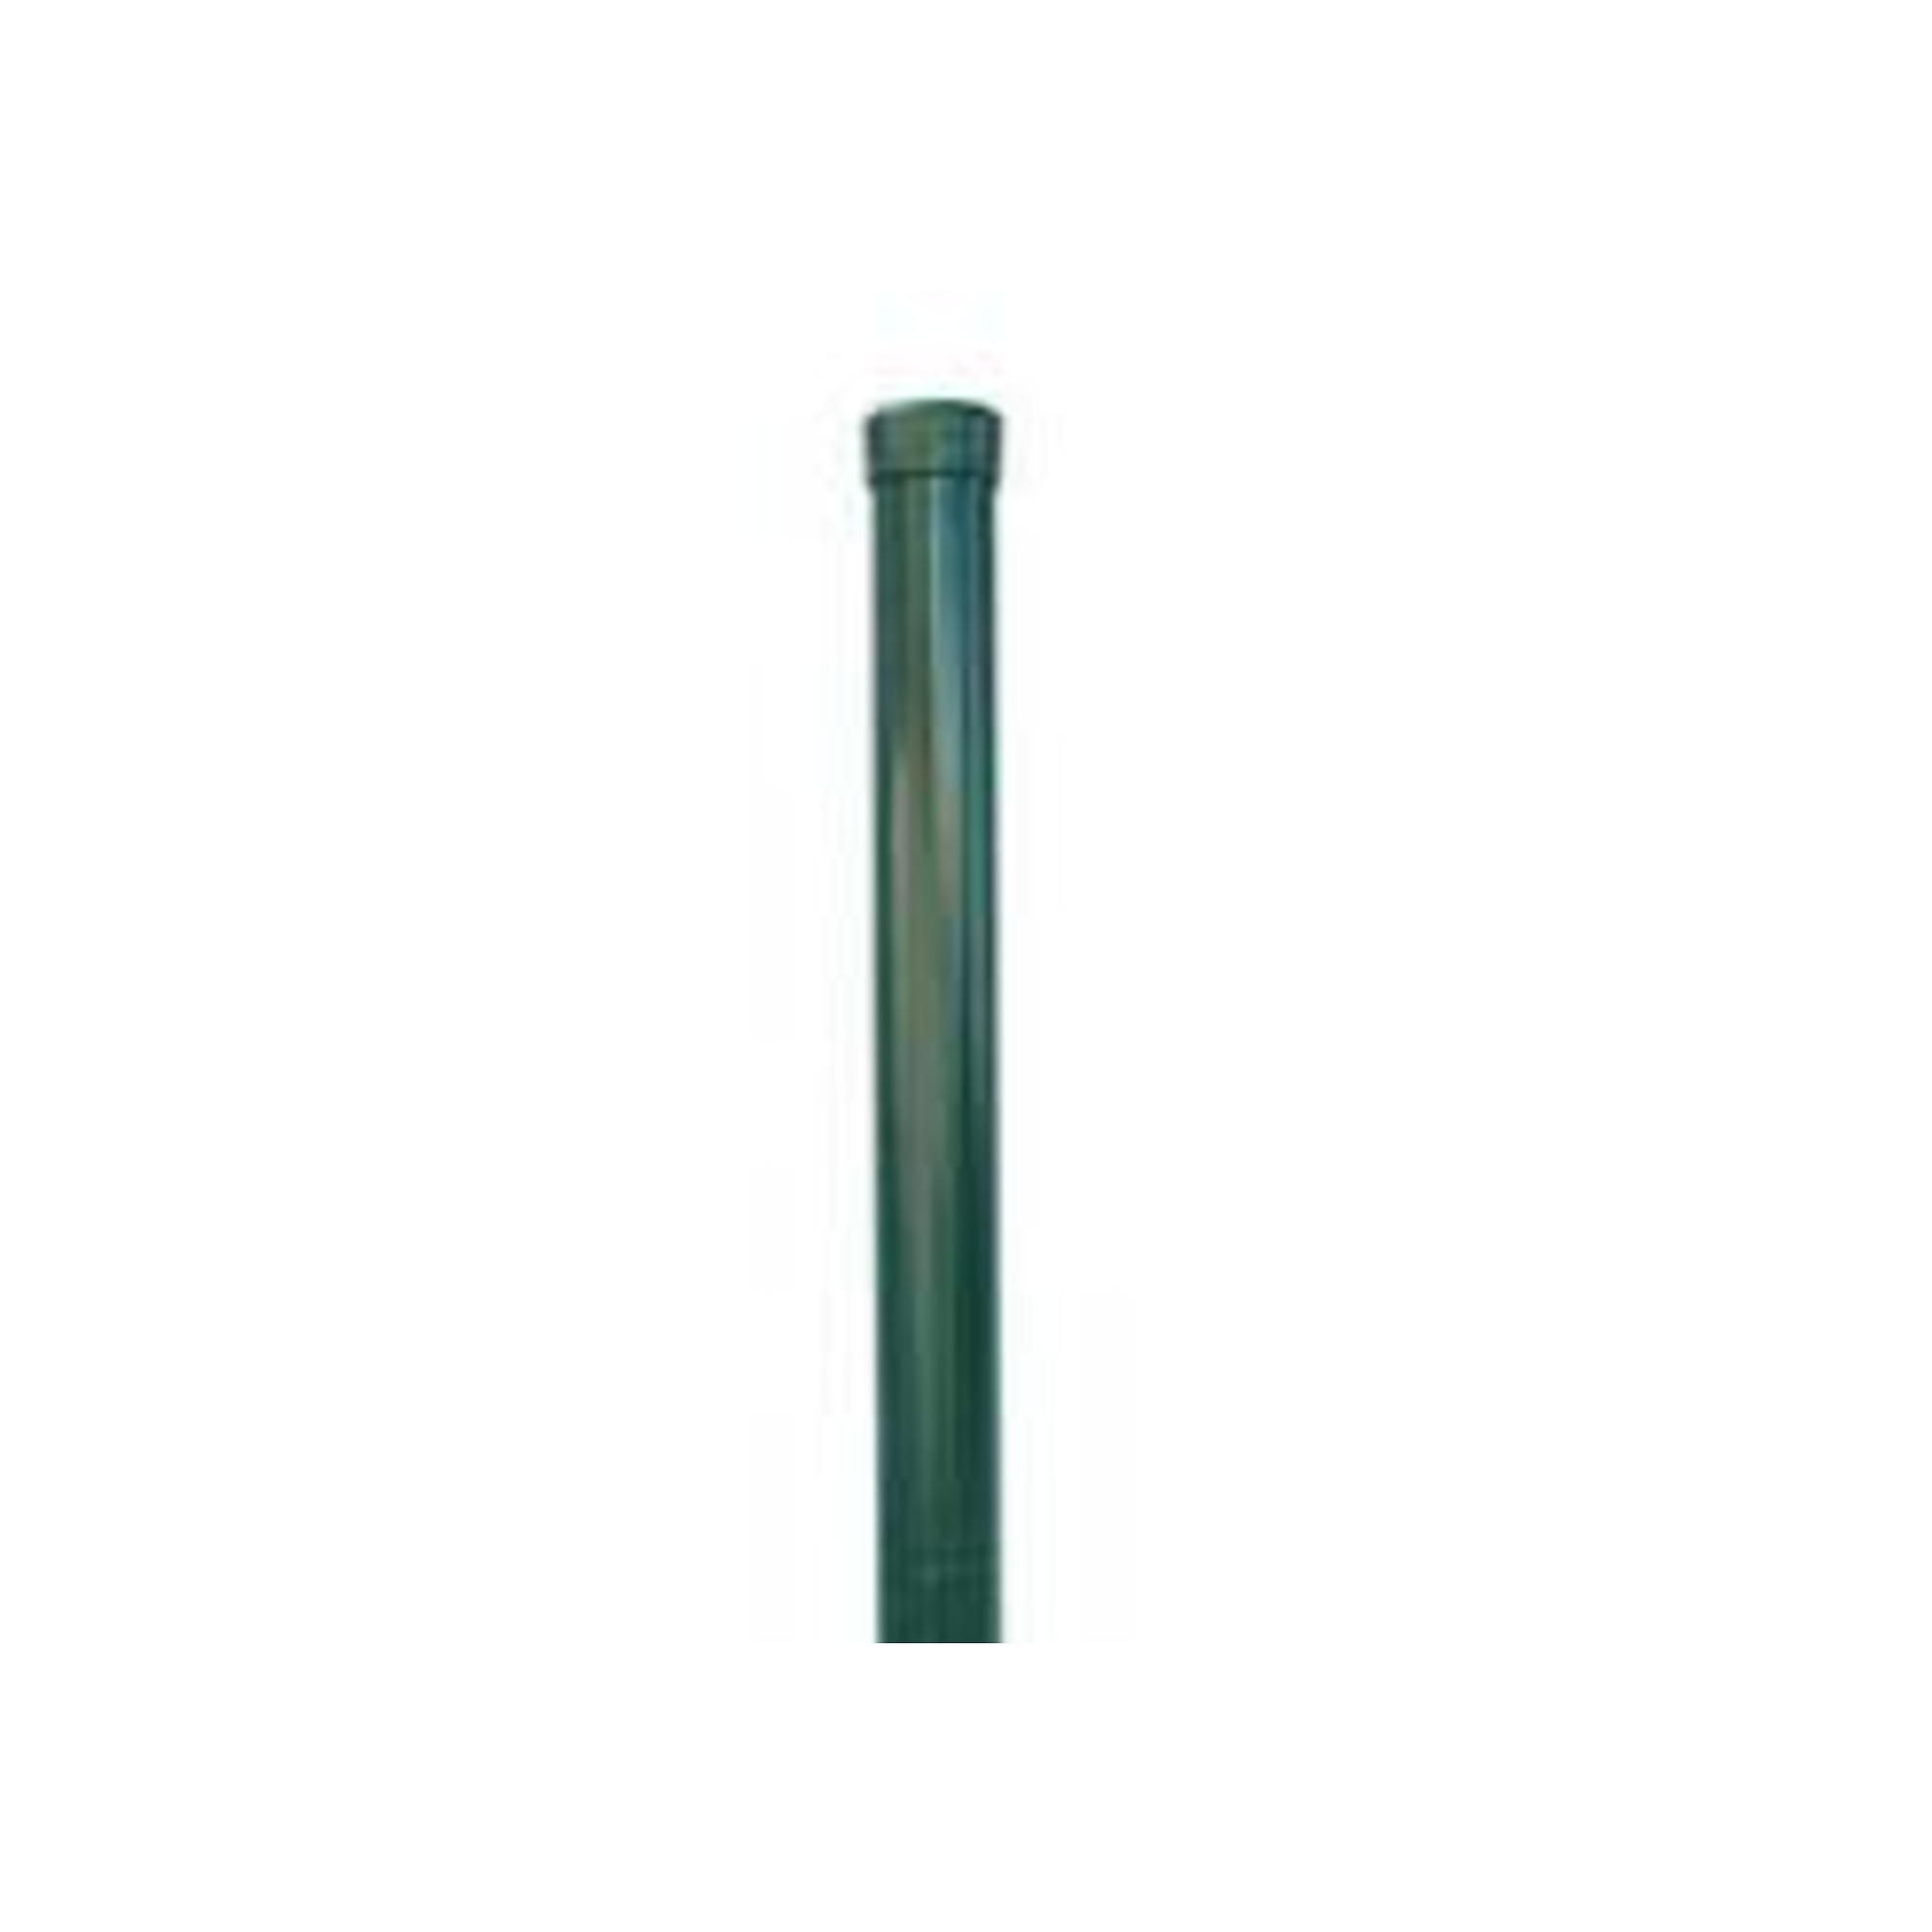 BPL oszlop 2300mm 38mm átmérő talp nélkül RAL6005